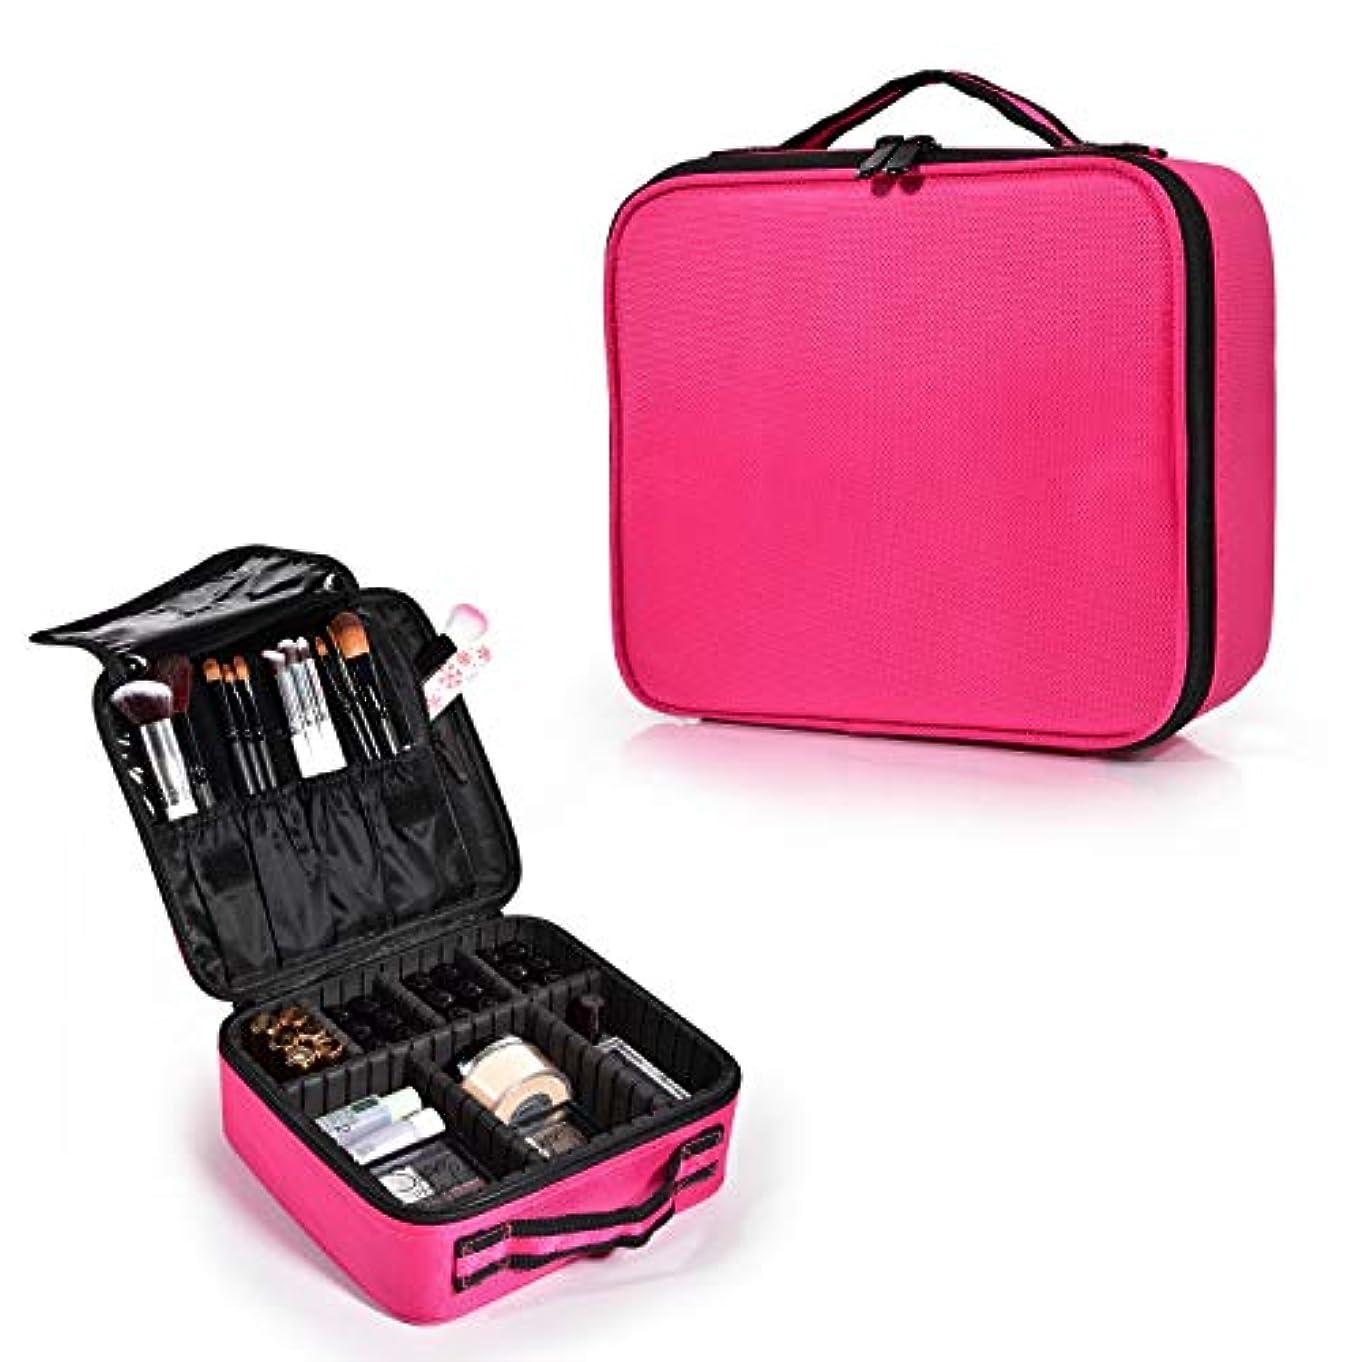 神経障害野ウサギ楕円形Hapilife メイクボックス 化粧バッグ軽量で持ち運び可能 スーツケース トラベルバッグ 化粧 バッグ 調整可能なインサート収納袋